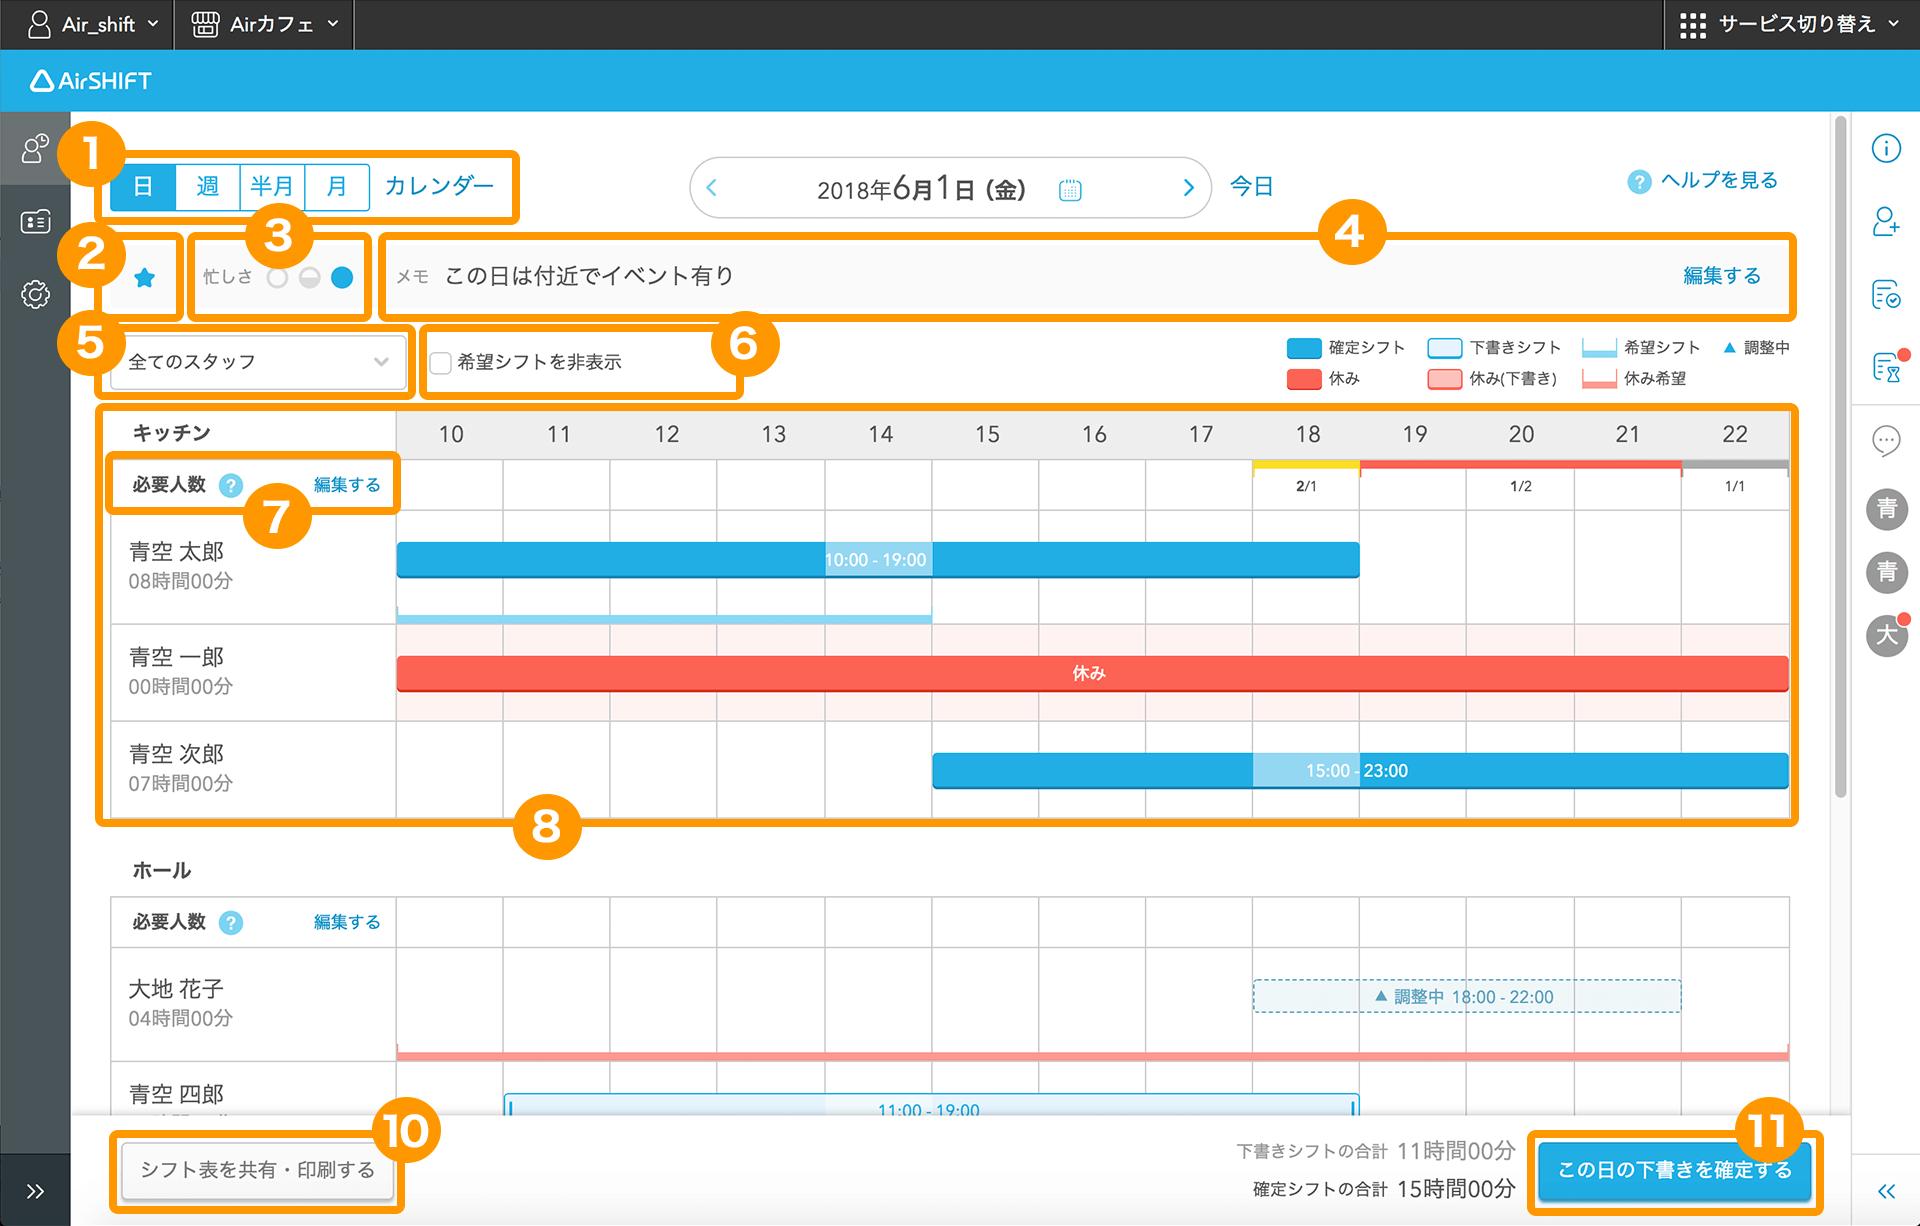 Airシフト シフト管理画面 日別シフト表